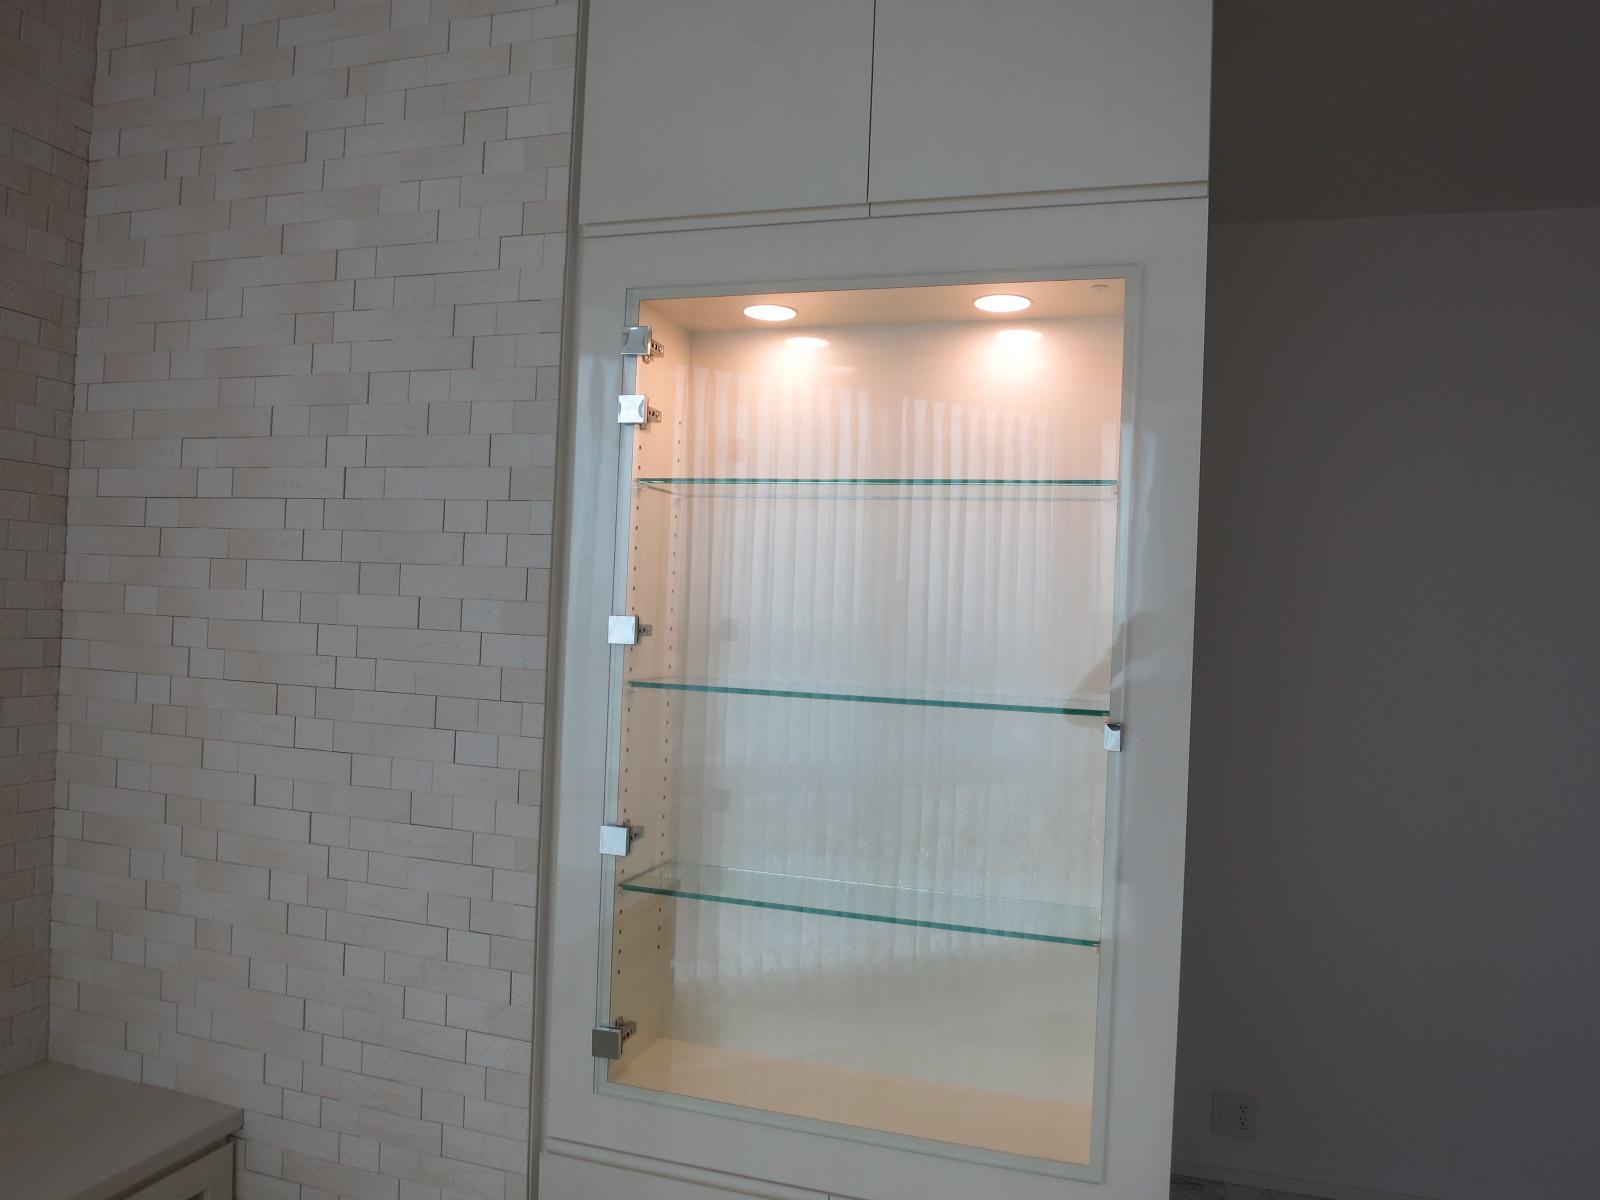 オーダー家具の実例|壁面飾り棚とtvボード「富久クロスコンフォートタワー」|マンションオプション Com